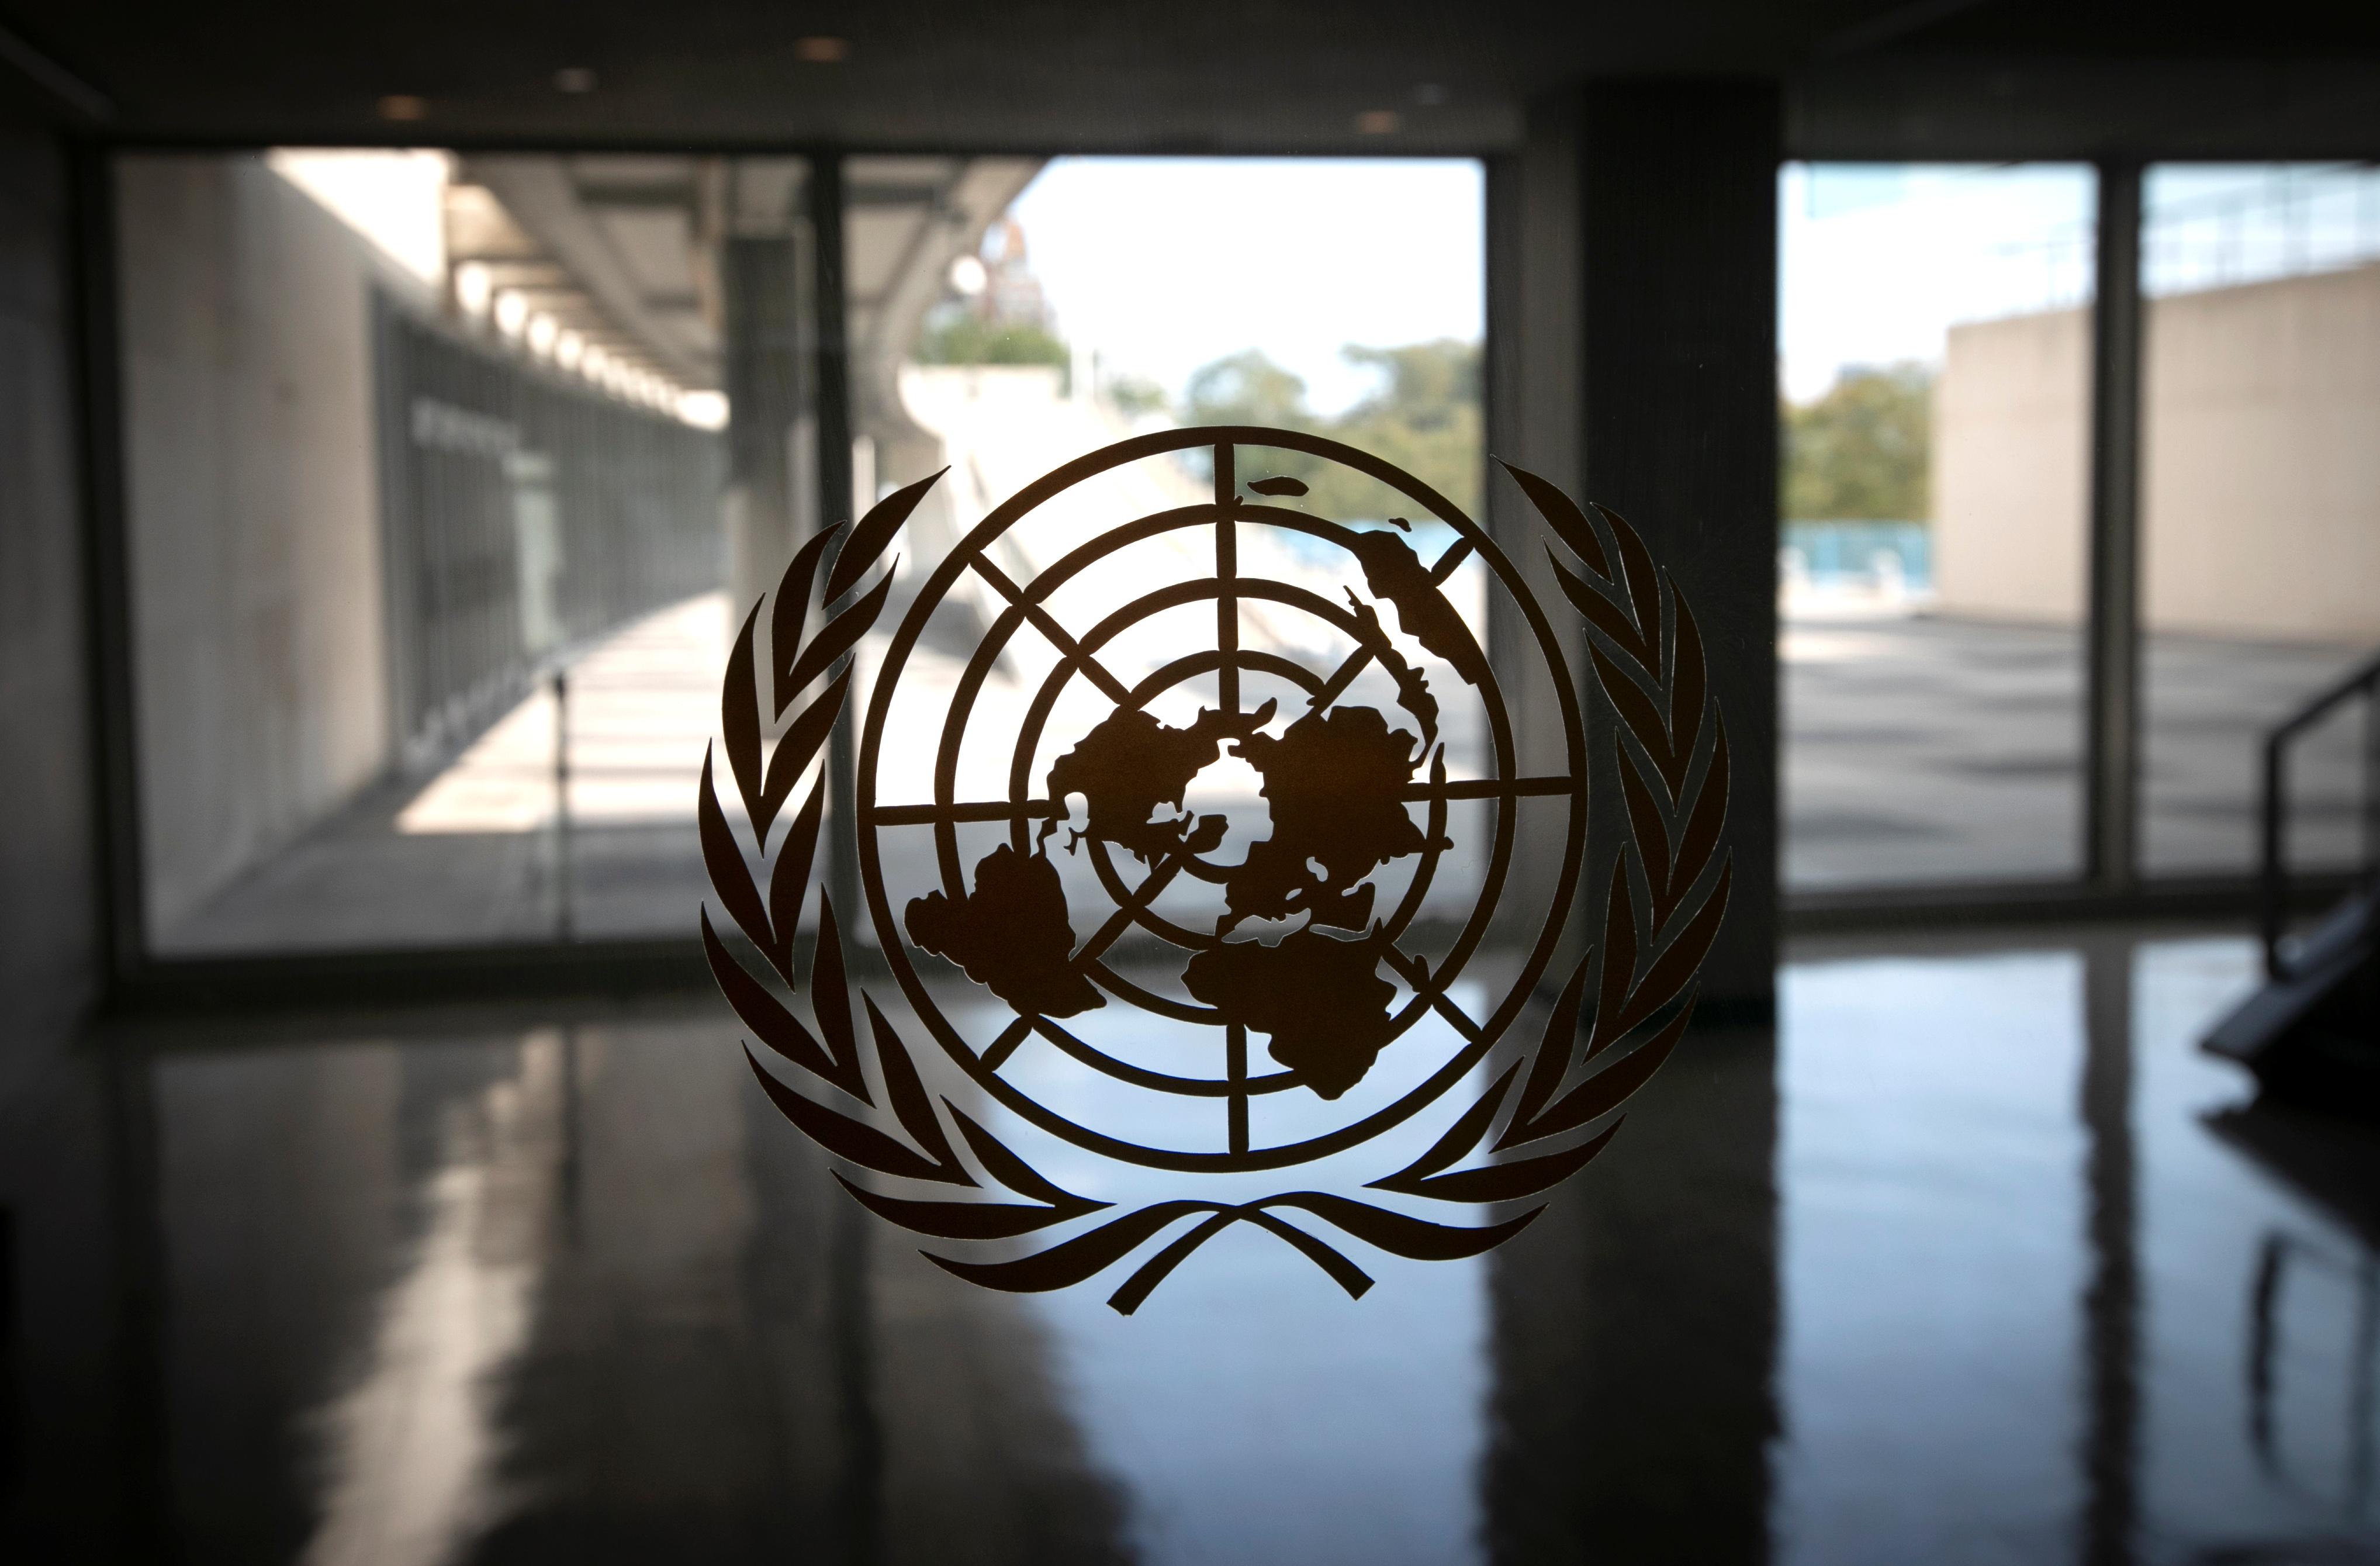 Арганізацыя Аб'яднаных Нацый абвясьціла 2021 год годам міру і даверу, творчай эканомікі для ўстойлівага разьвіцьця, выкараненьня дзіцячай працы. Годам чаго яшчэ абвешчаны 2021-ы?